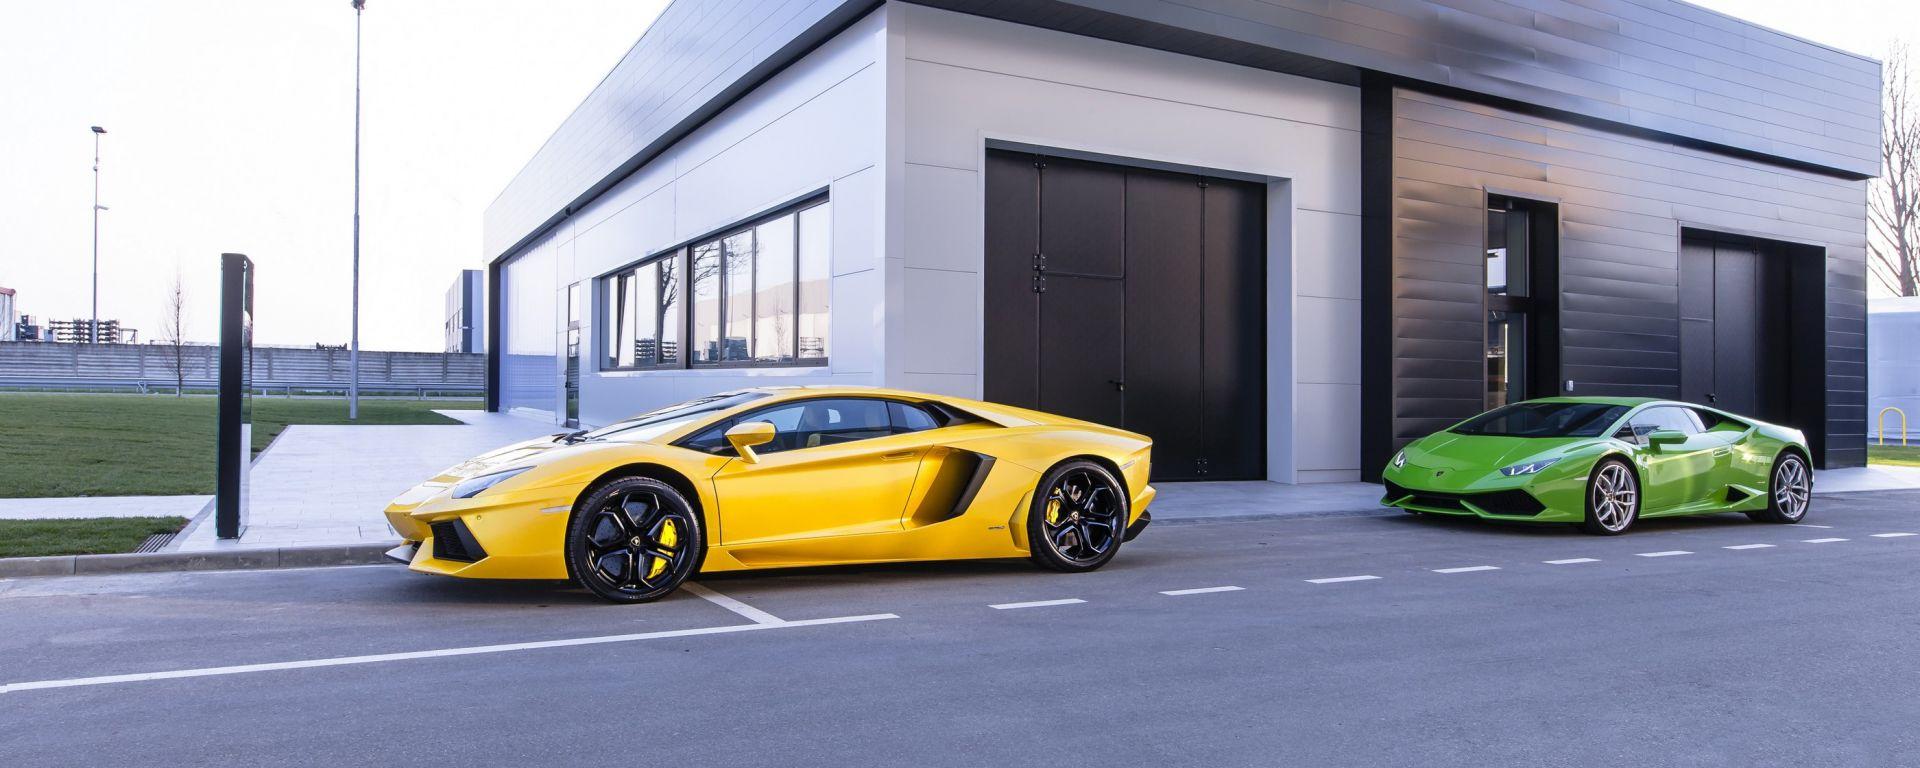 Lamborghini diventa CO2 neutrale